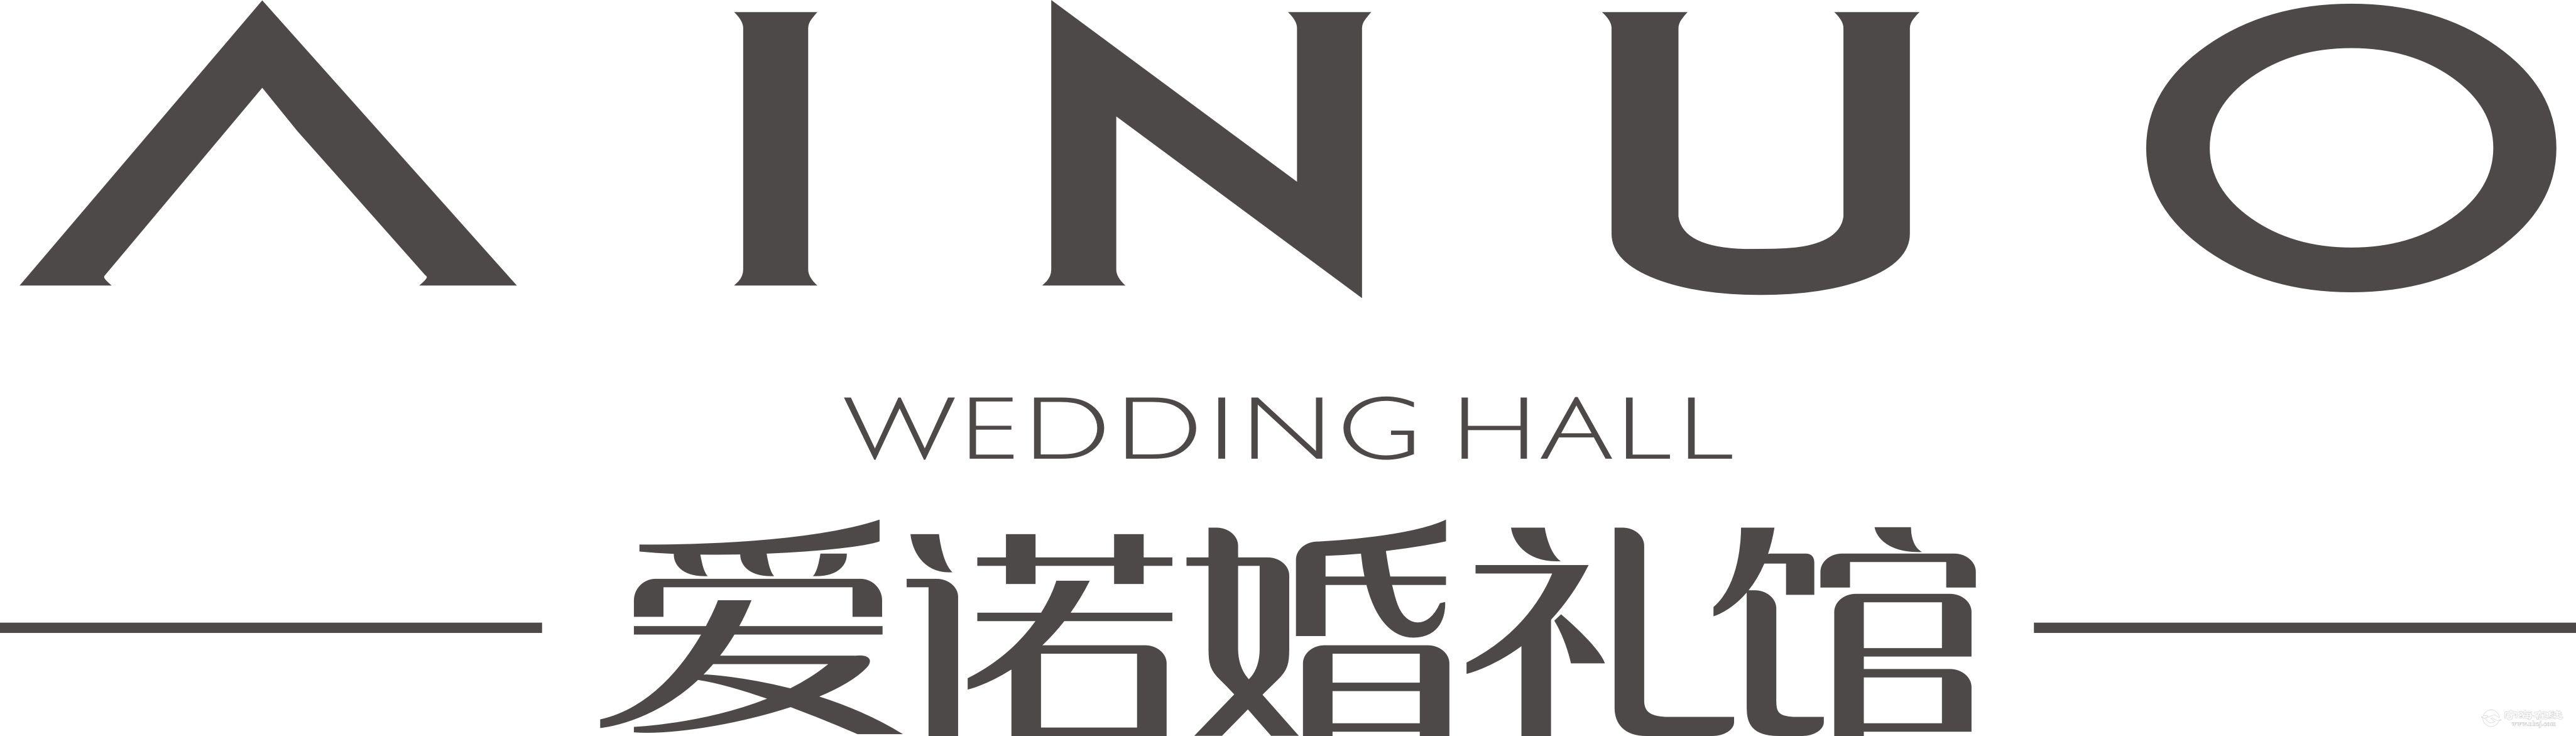 爱诺婚礼馆原始logo.jpg